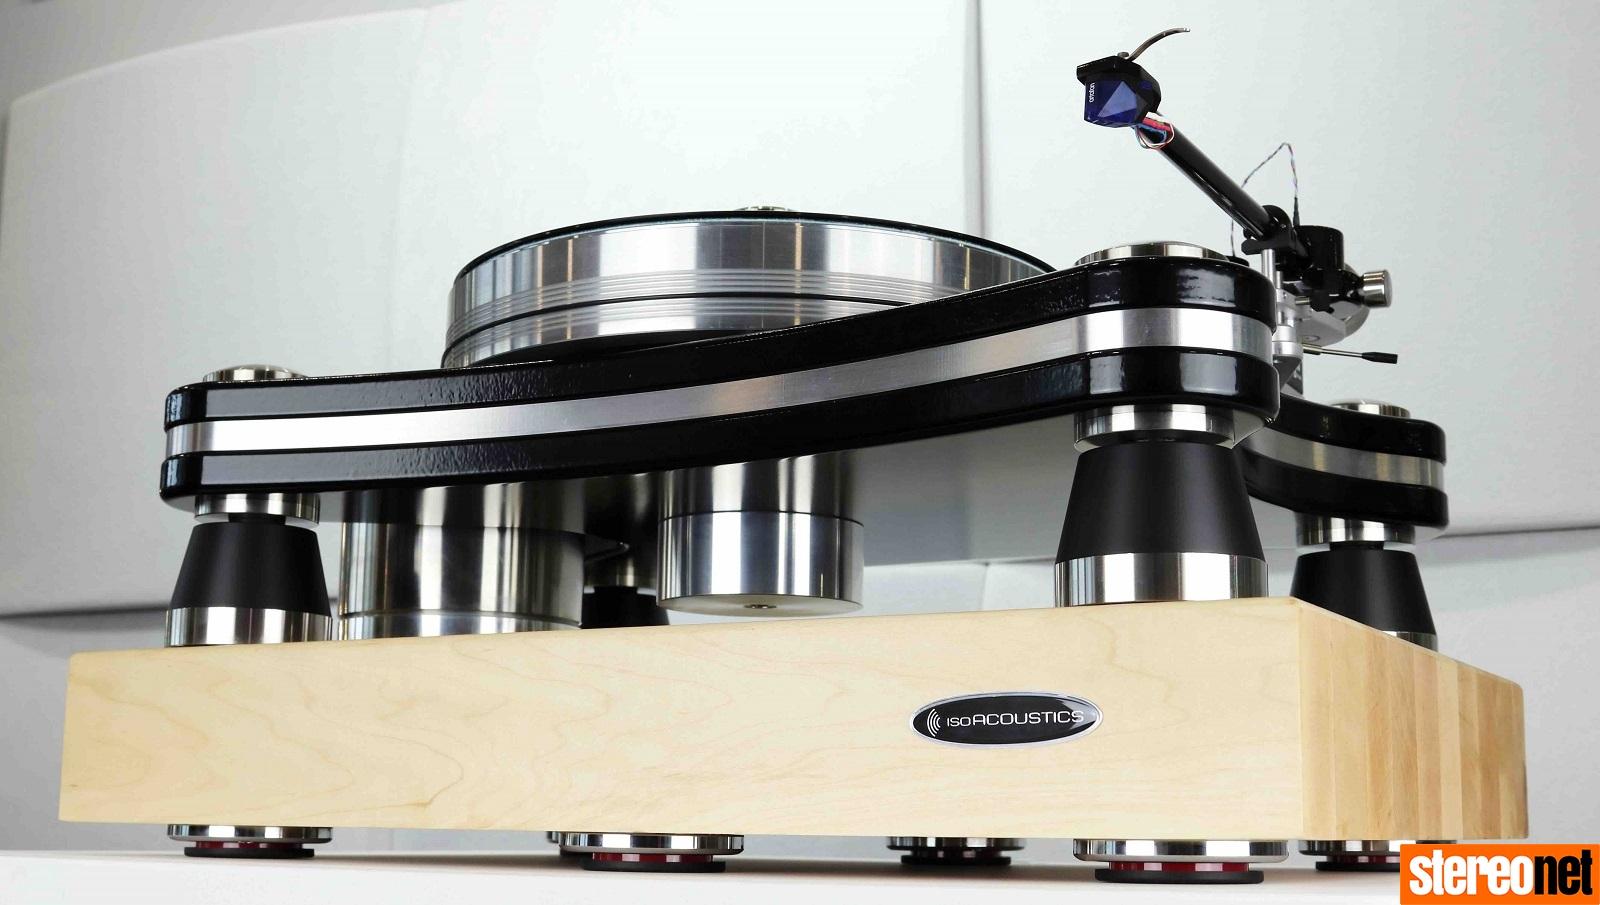 IsoAcoustics DELOS platform